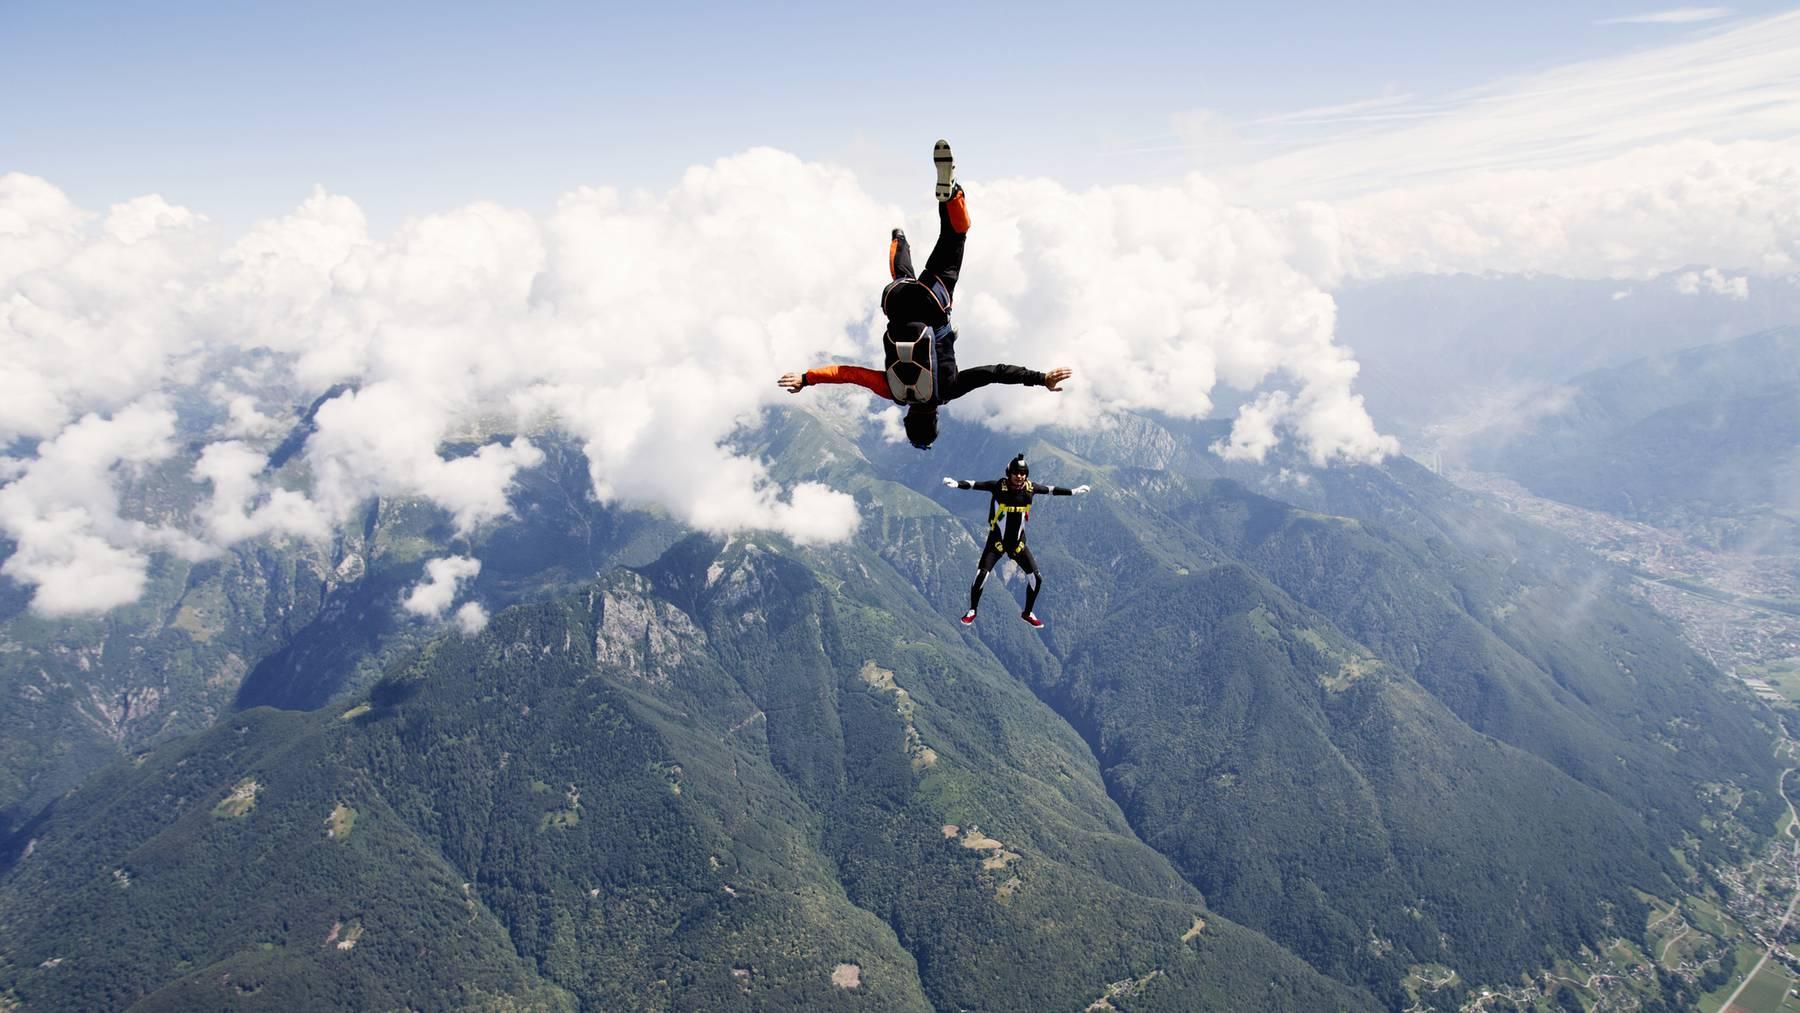 Die Männer wollten einen Formationsflug durchführen. (Symbolbild)